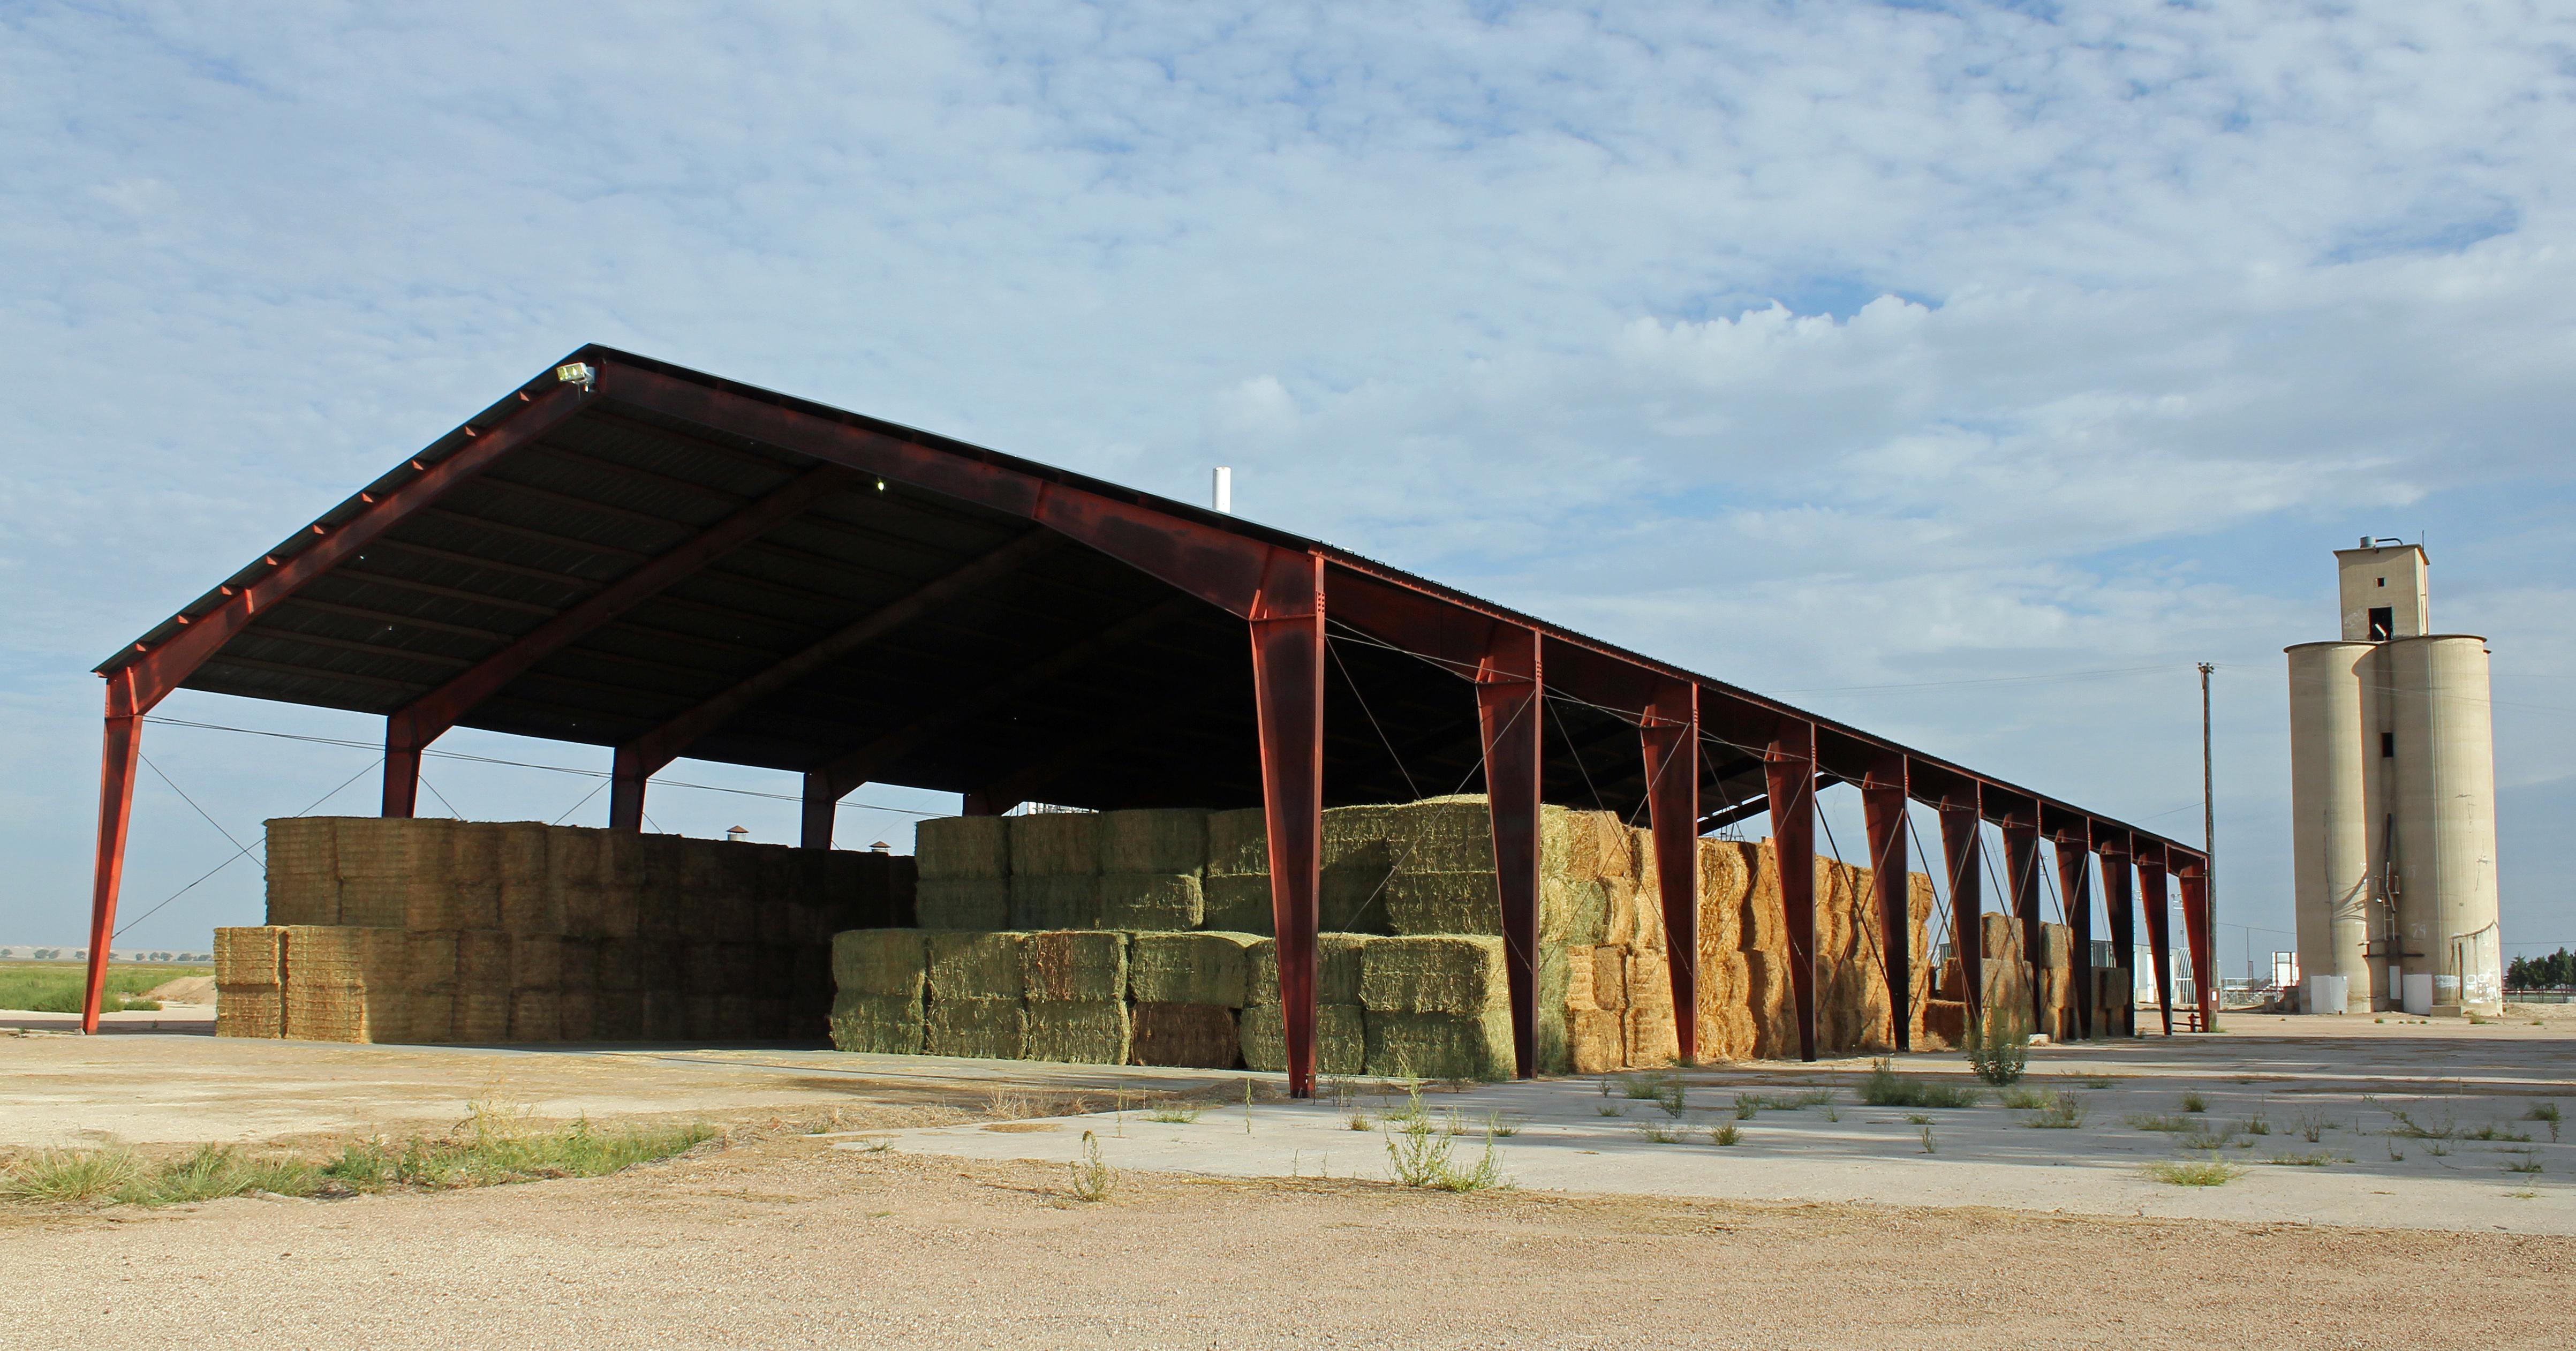 File:Hay Barn in McClave, Colorado.JPG